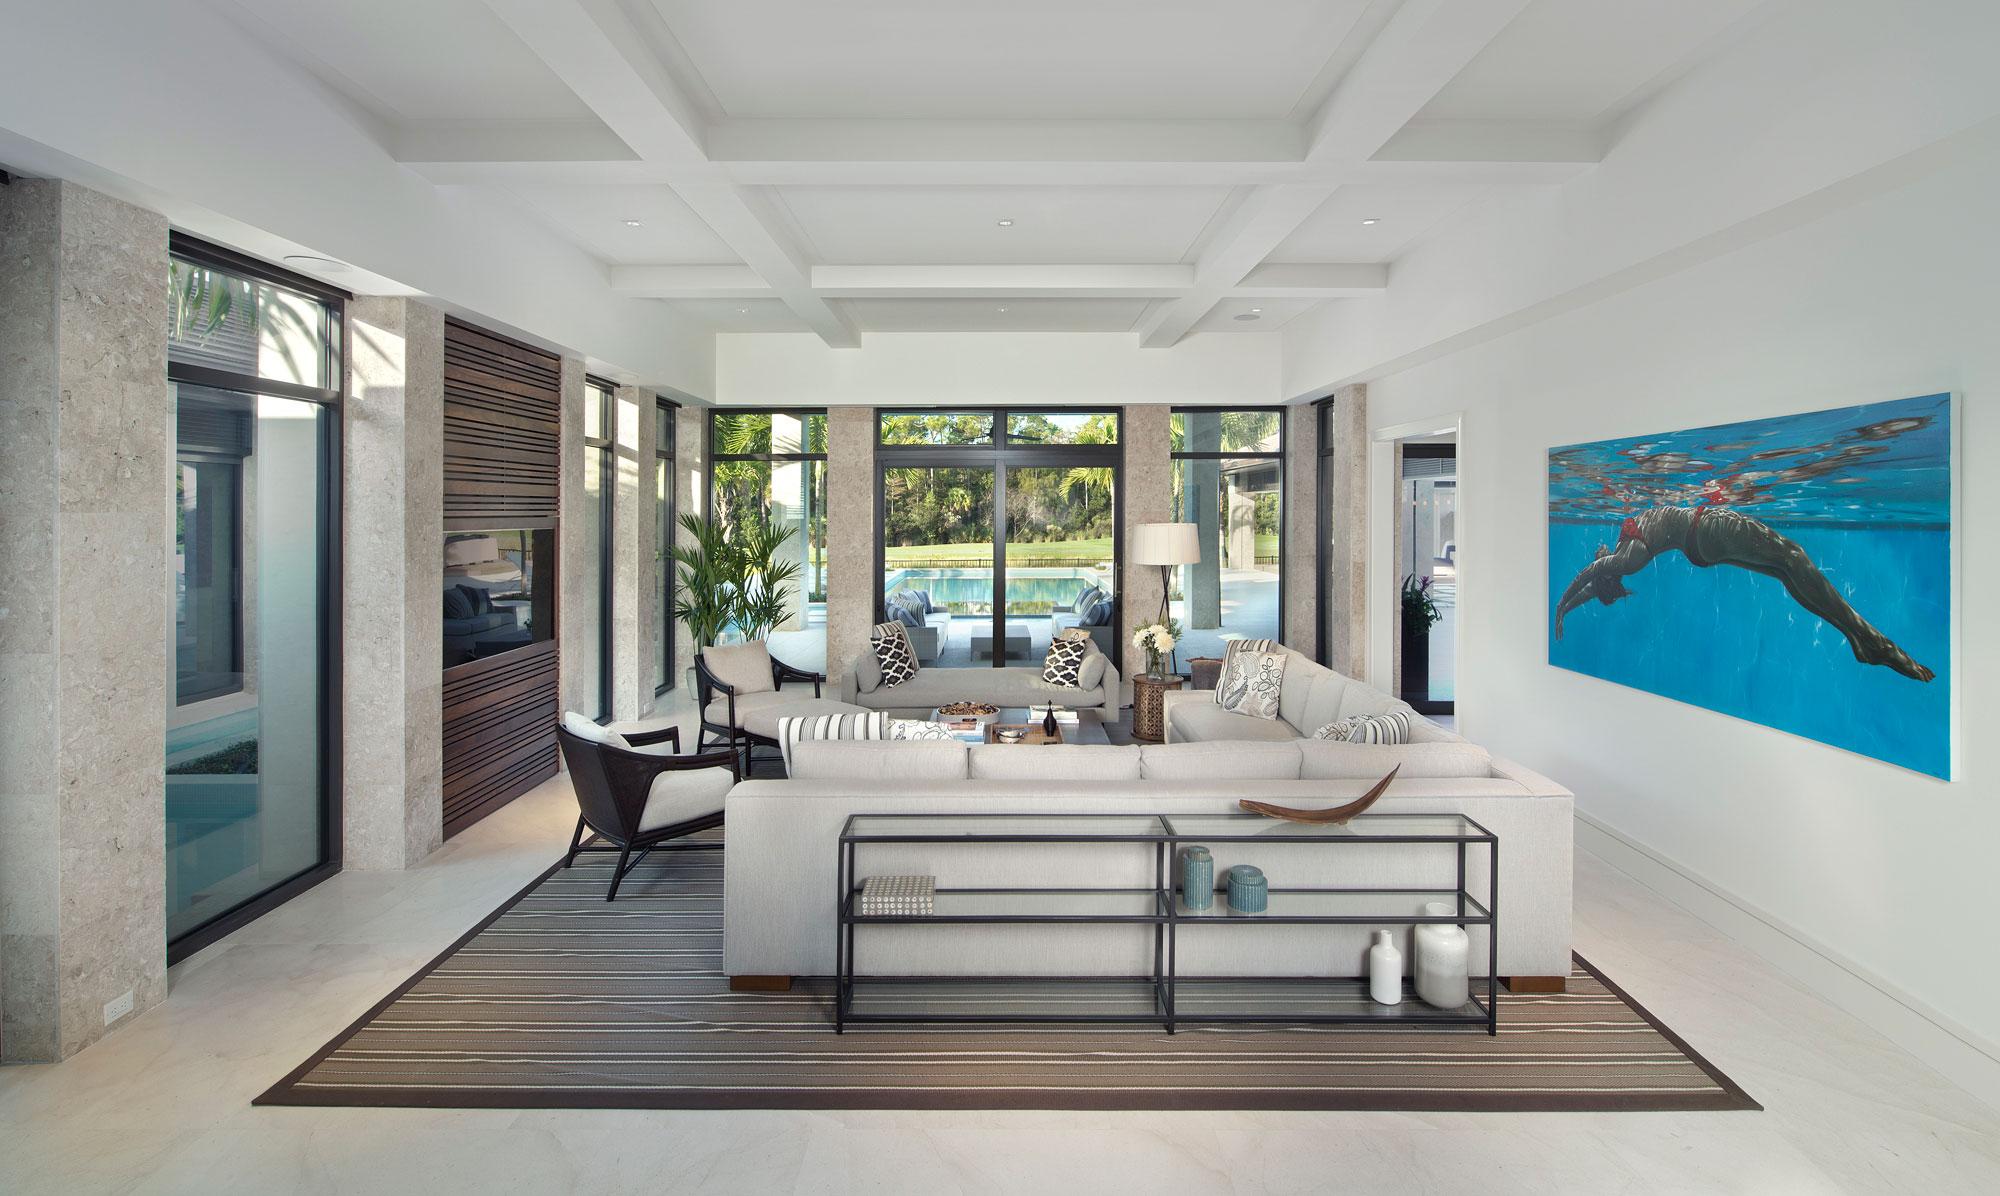 Wedo thiết kế nội thất phòng khách sang trọng và đẳng cấp cho biệt thự